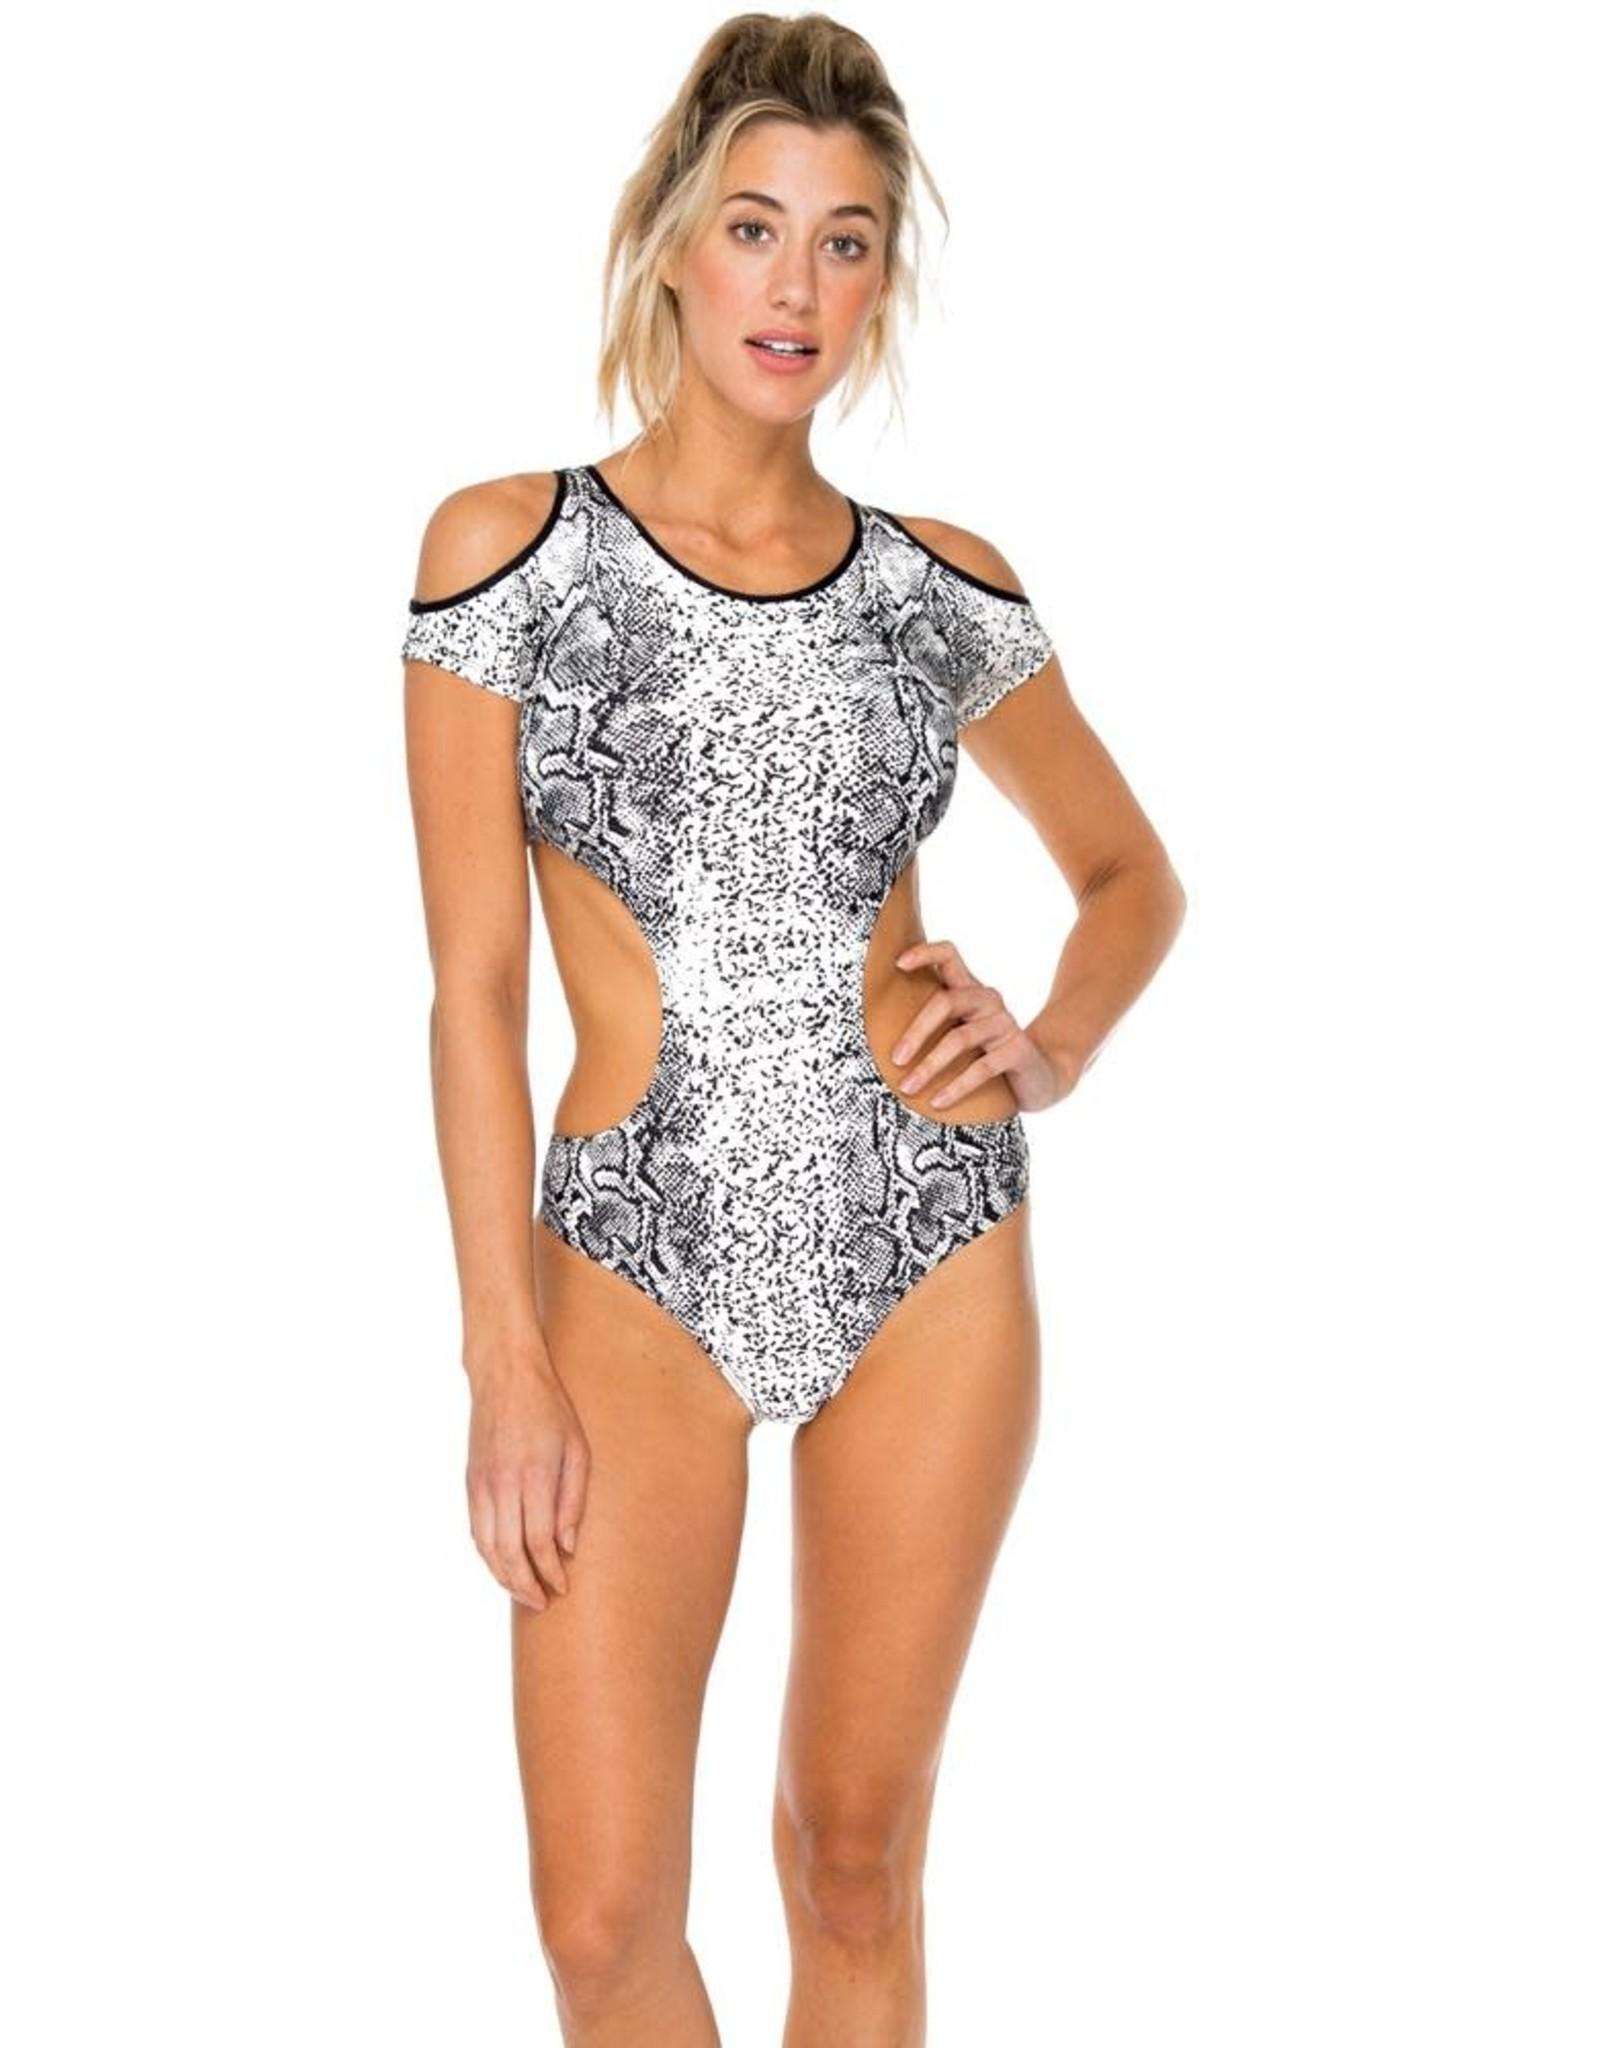 Luli Fama Bombo Shortsleeve Body Suit